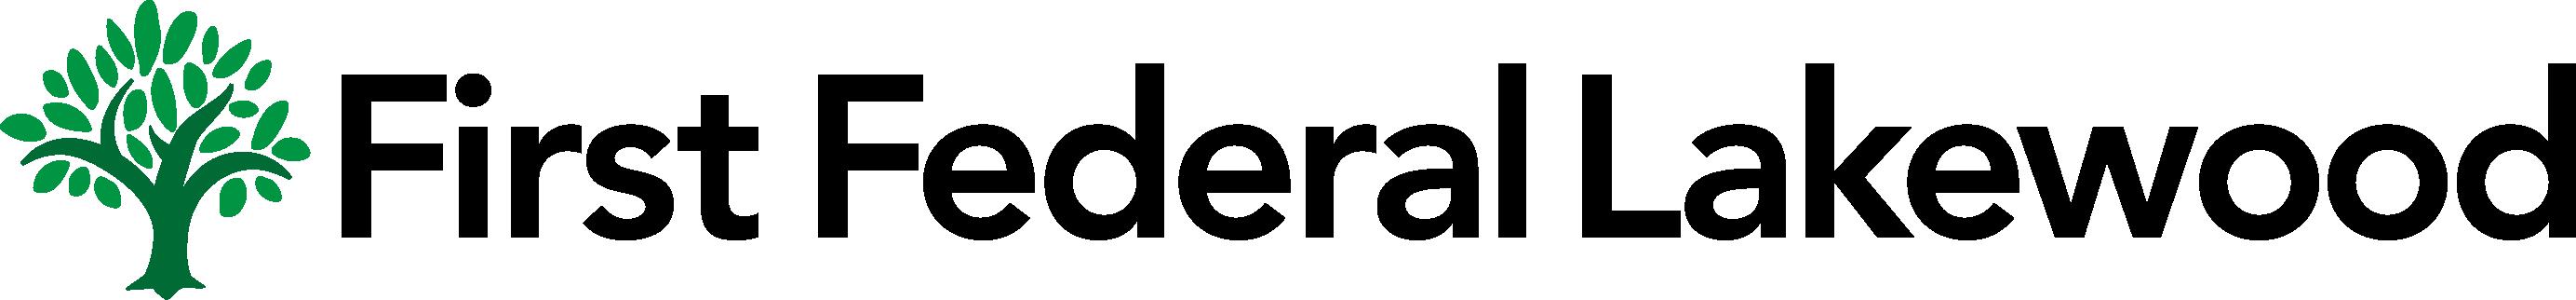 First Federal Lakewood Bank Logo